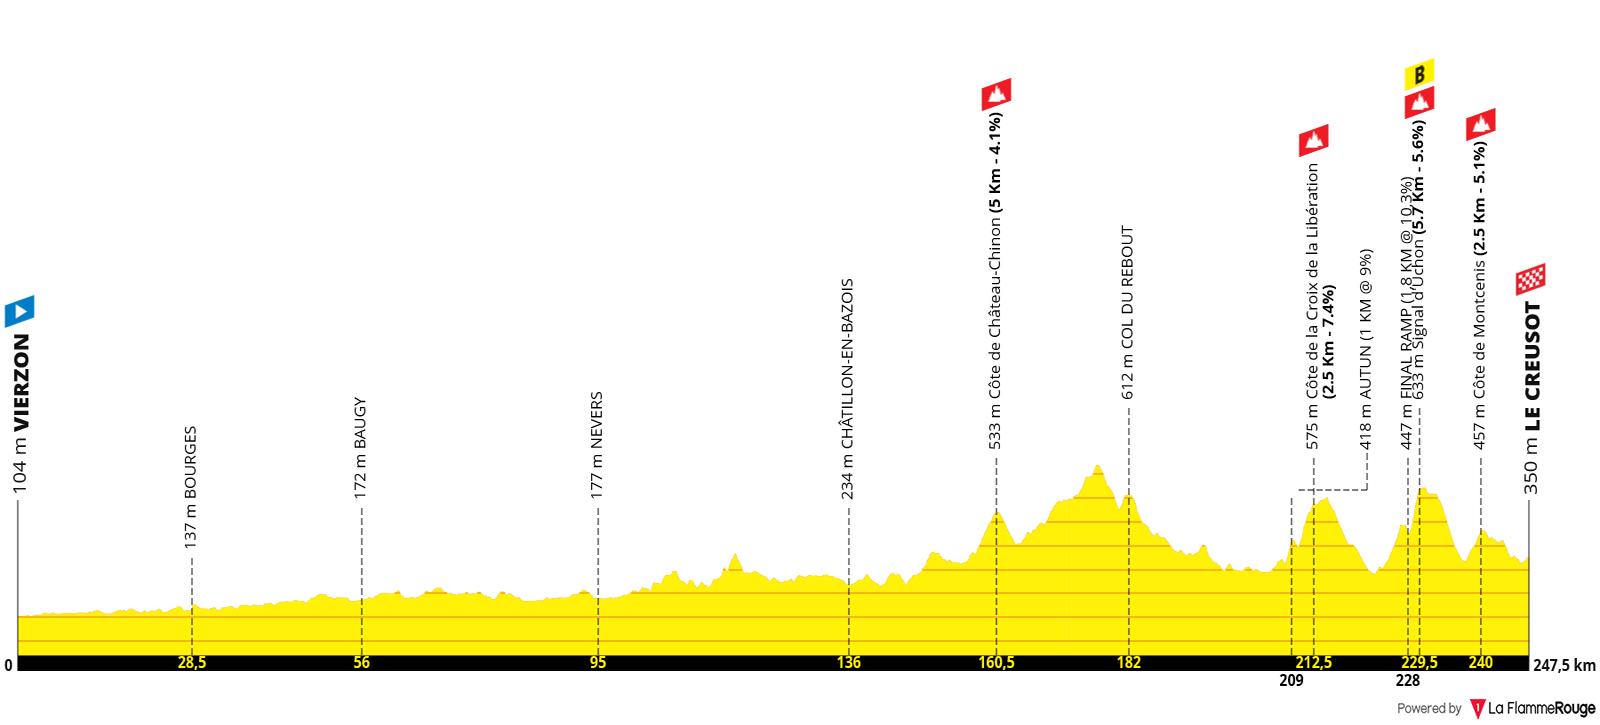 Etapa 07 - Tour de Francia 2021